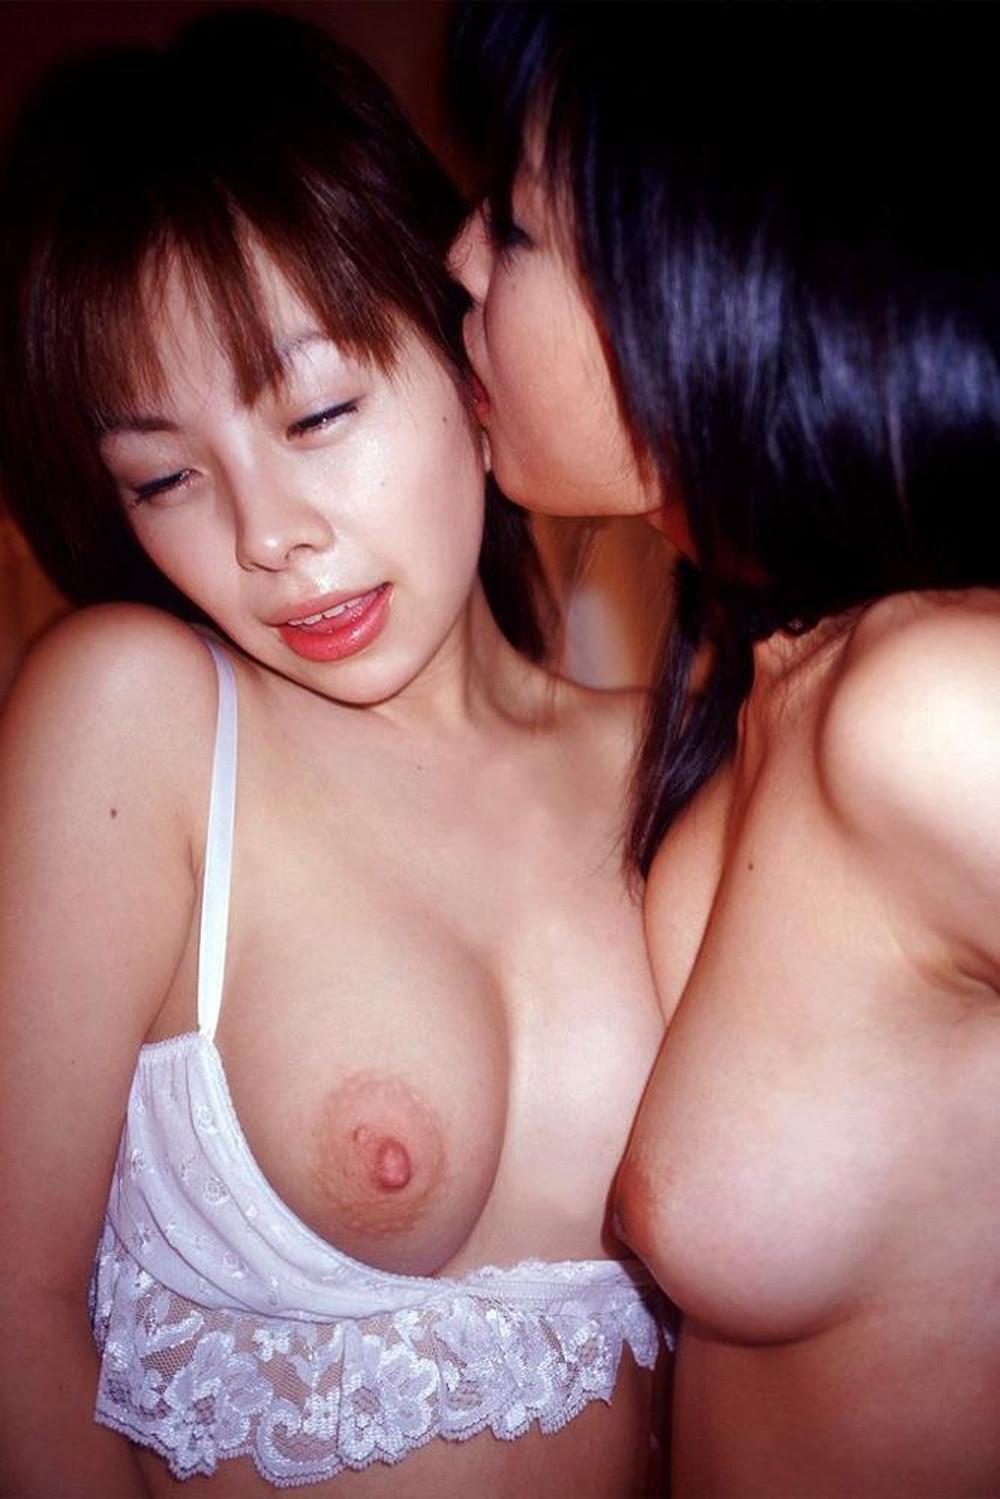 【レズエロ画像】男が介入する余地などない女の子同士の淫らな遊び!